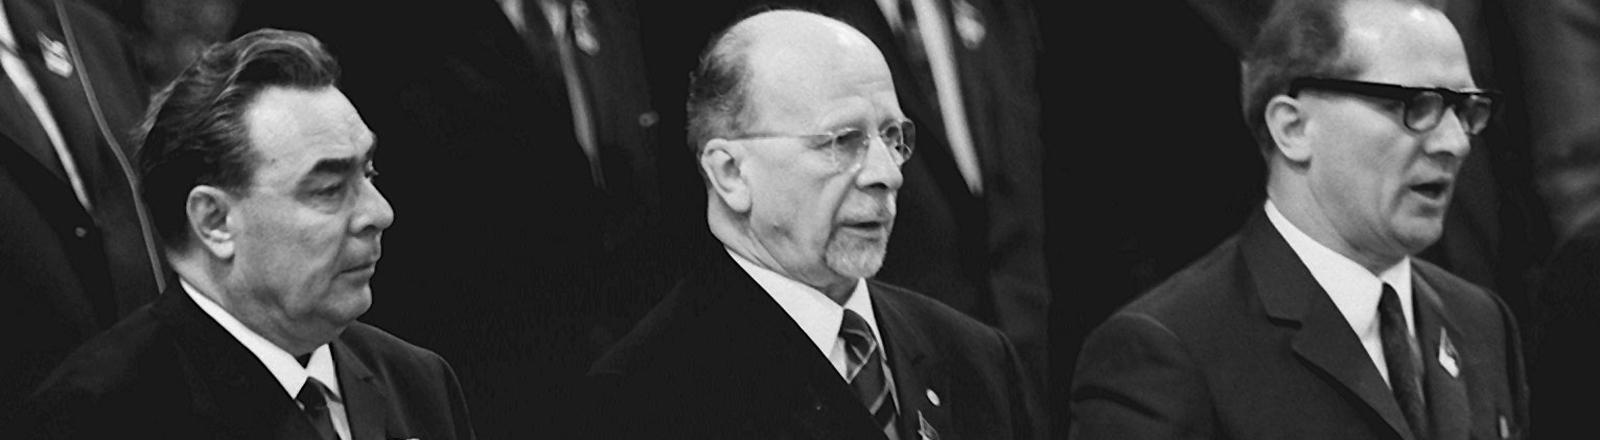 Walter Ulbricht beim gemeinsamen Gesang auf dem VII. Parteitag der SED im April 1967